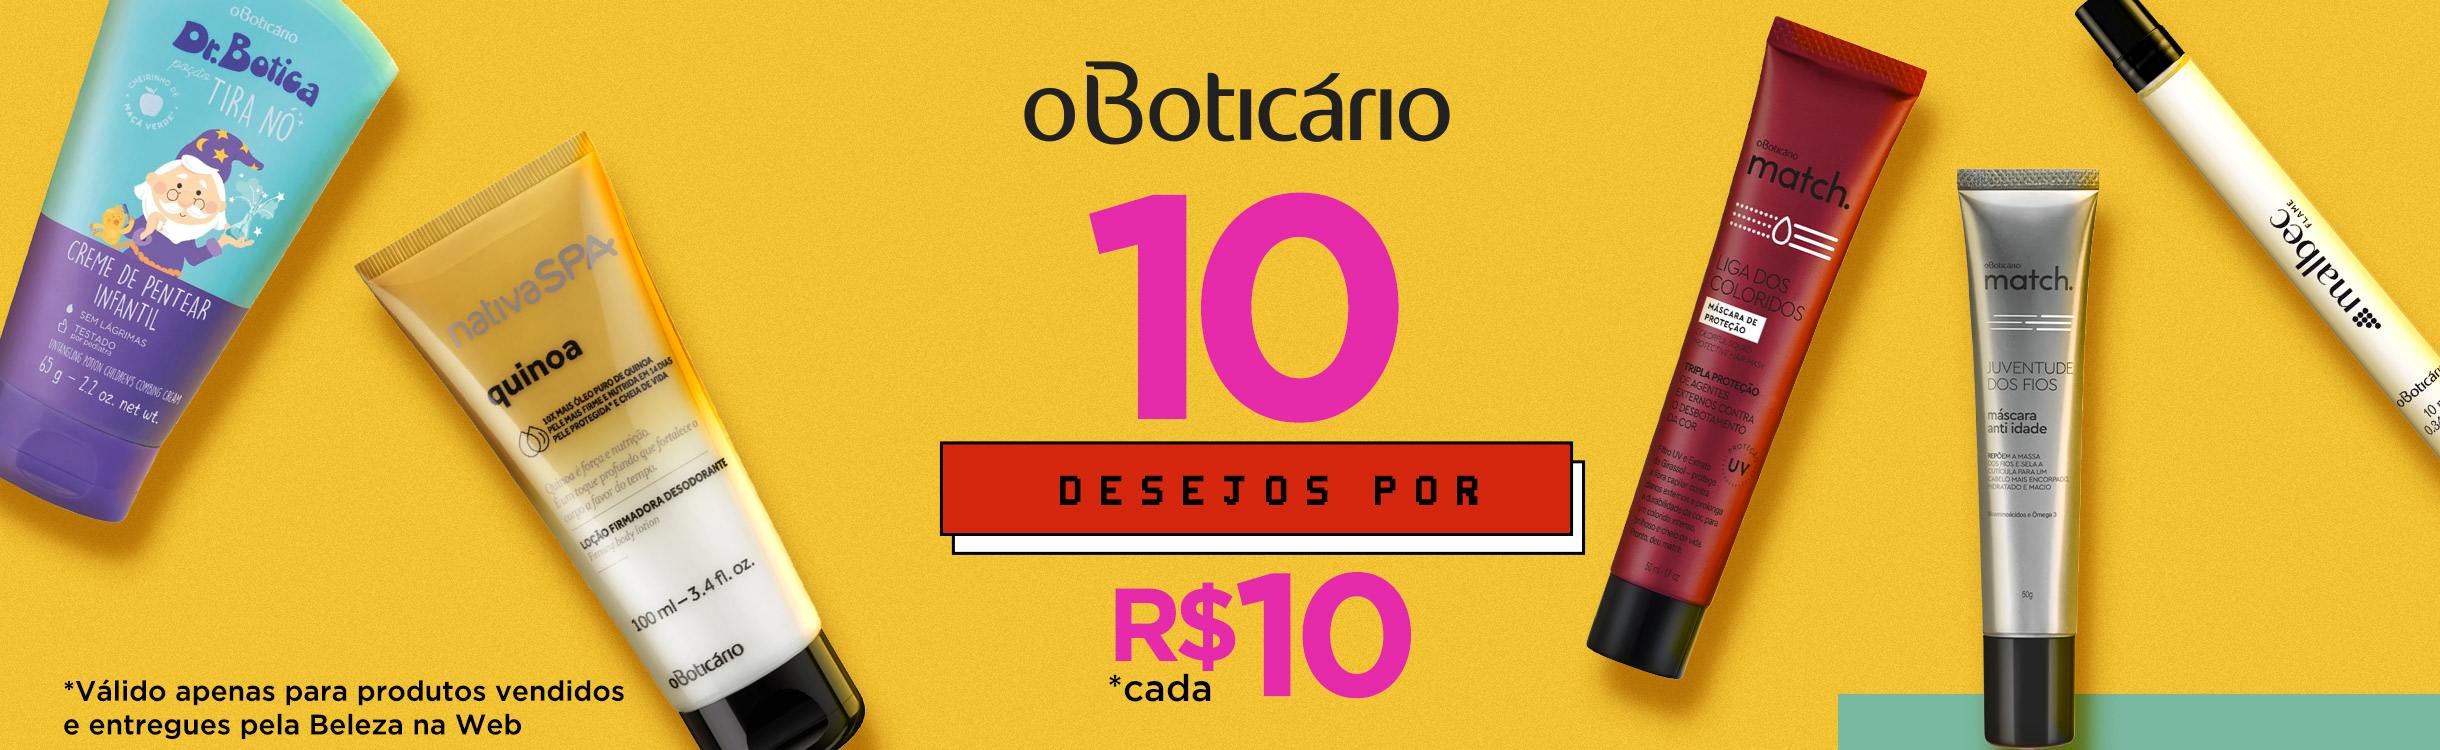 10 Desejos por R$10 cada